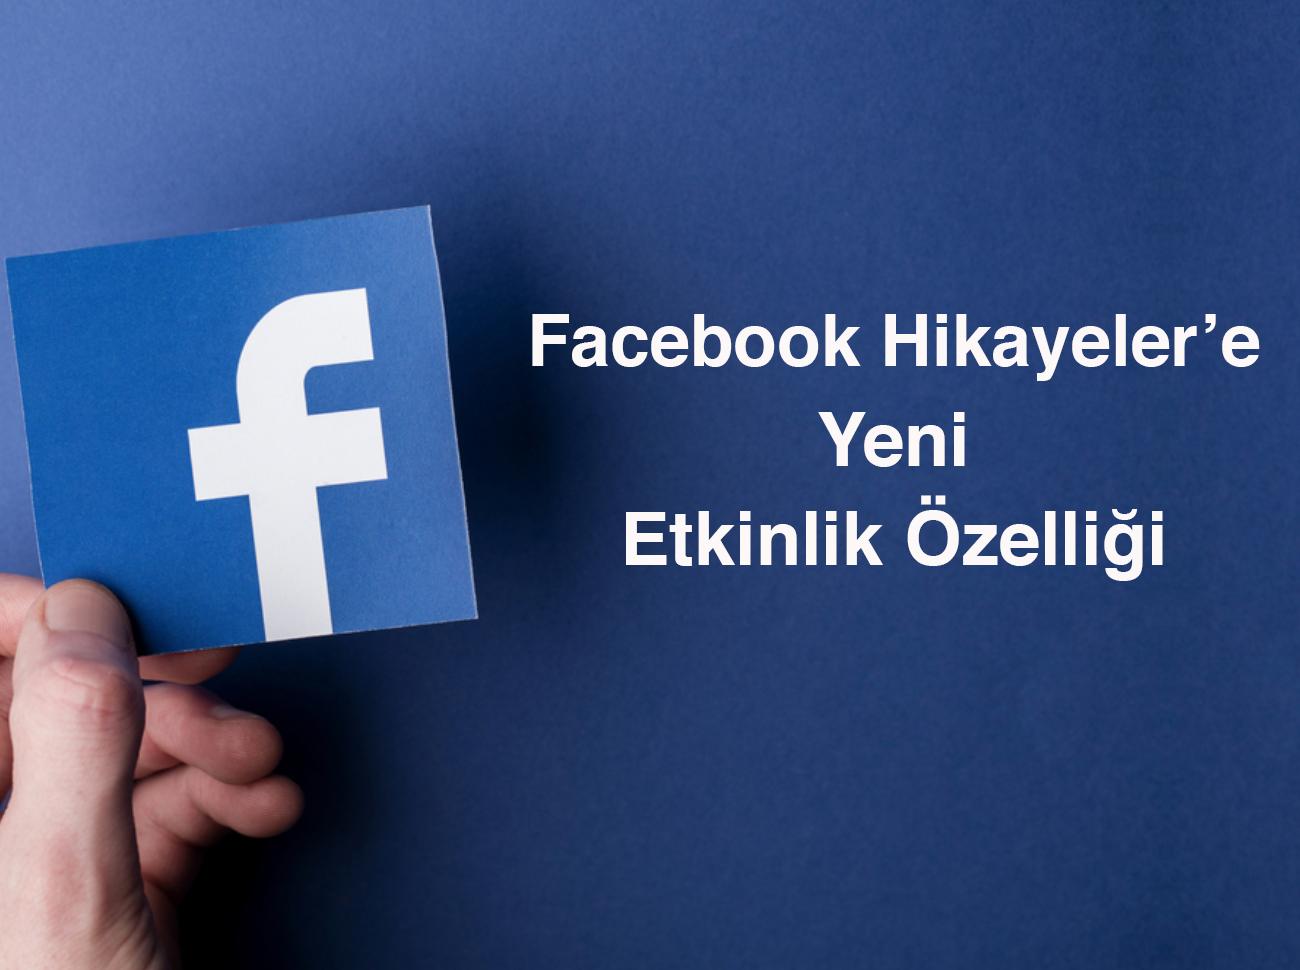 Facebook Hikayeler'e Yeni Etkinlik Özelliği